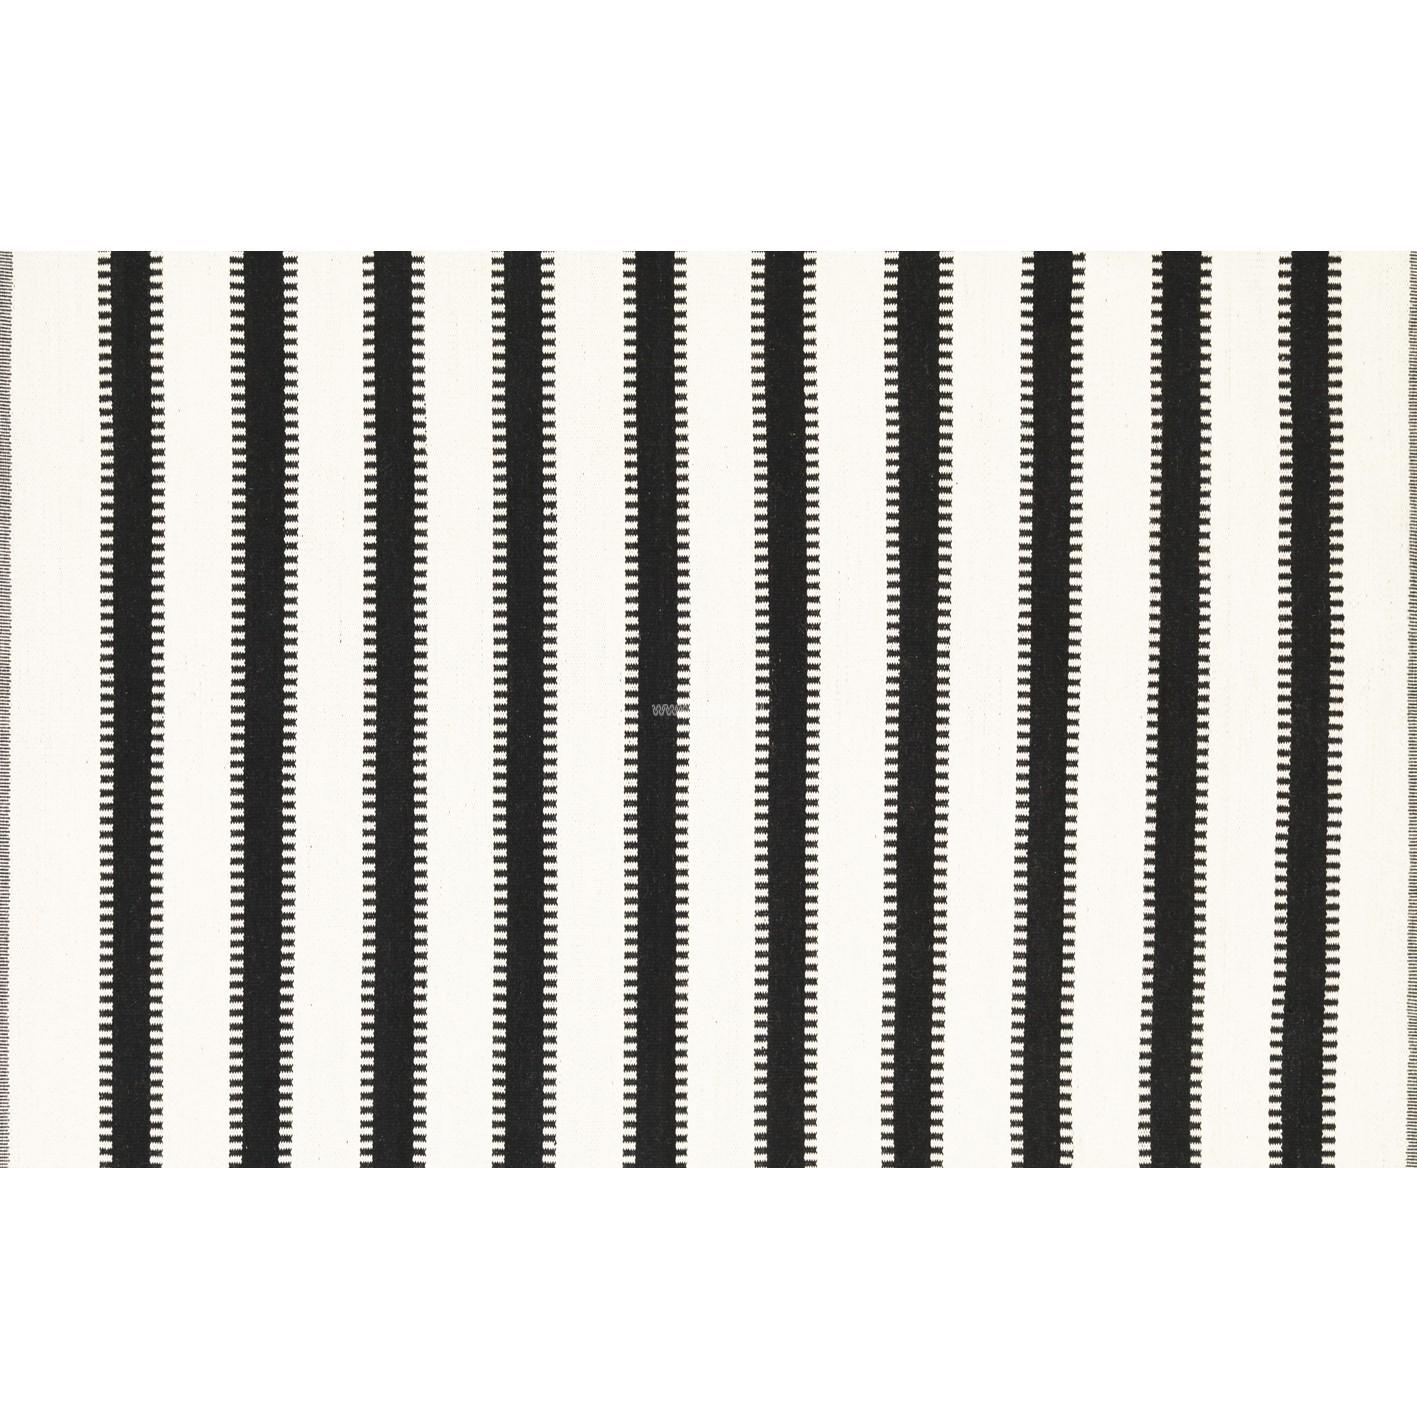 Ковер Designers Guild Rugs Franchini Noir DHRDG0049, интернет магазин Волео